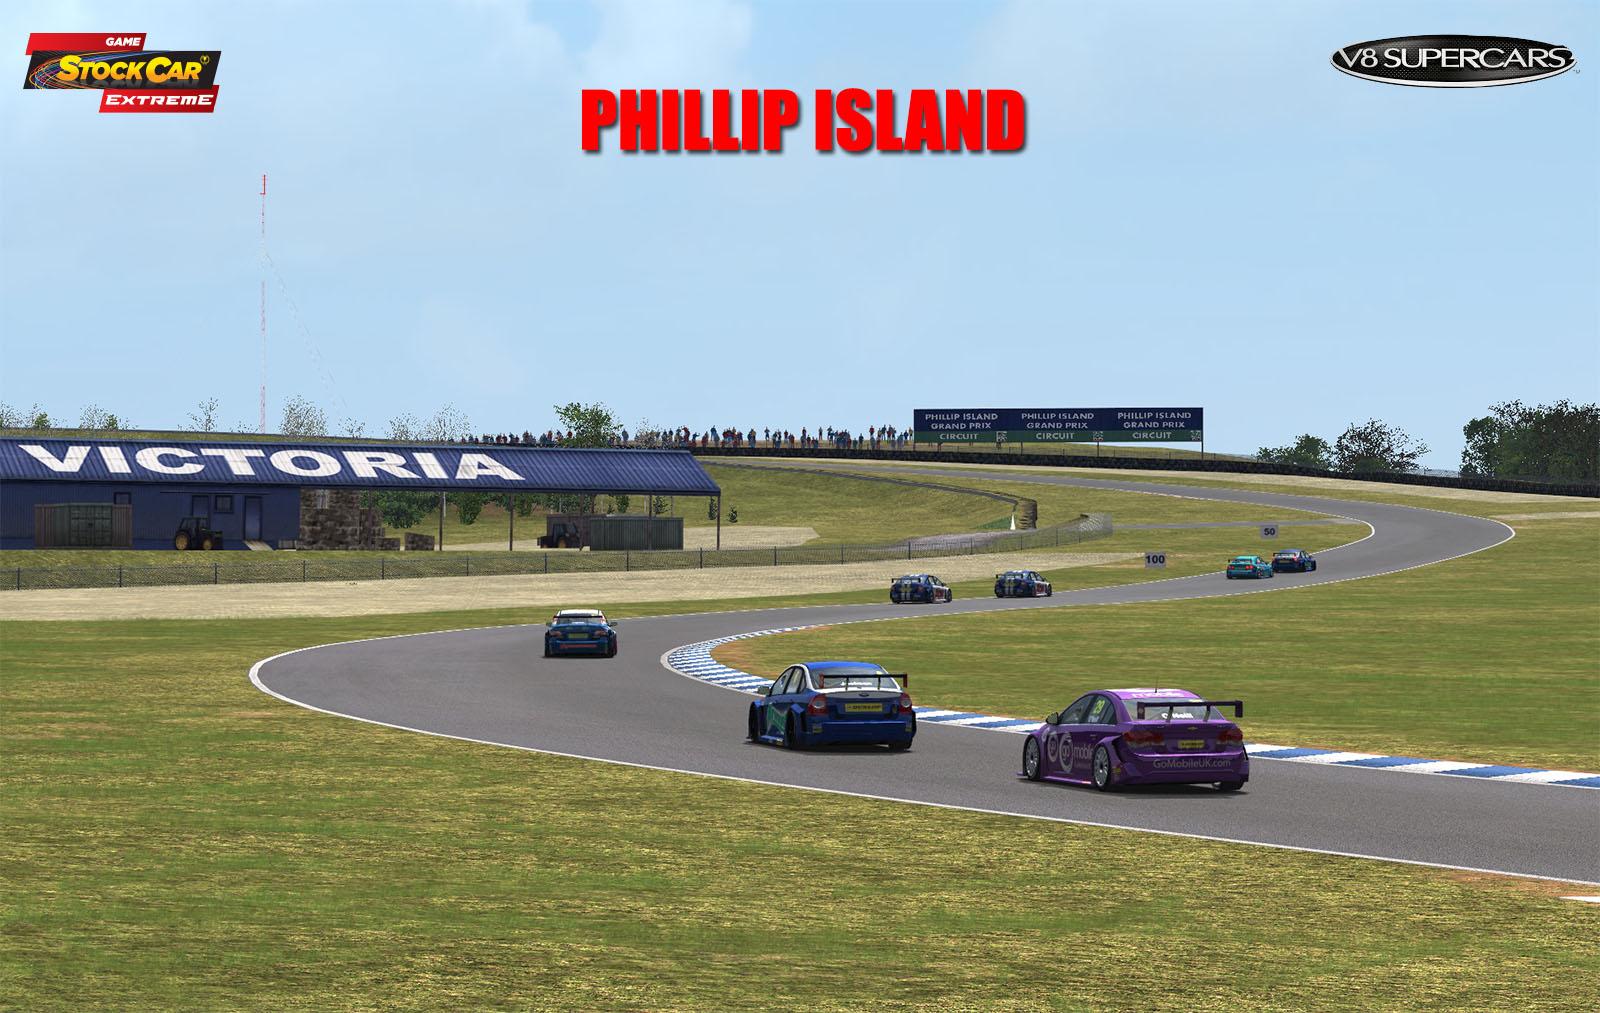 GSC 2013 Phillip Island (V8 Supercars) v2.1